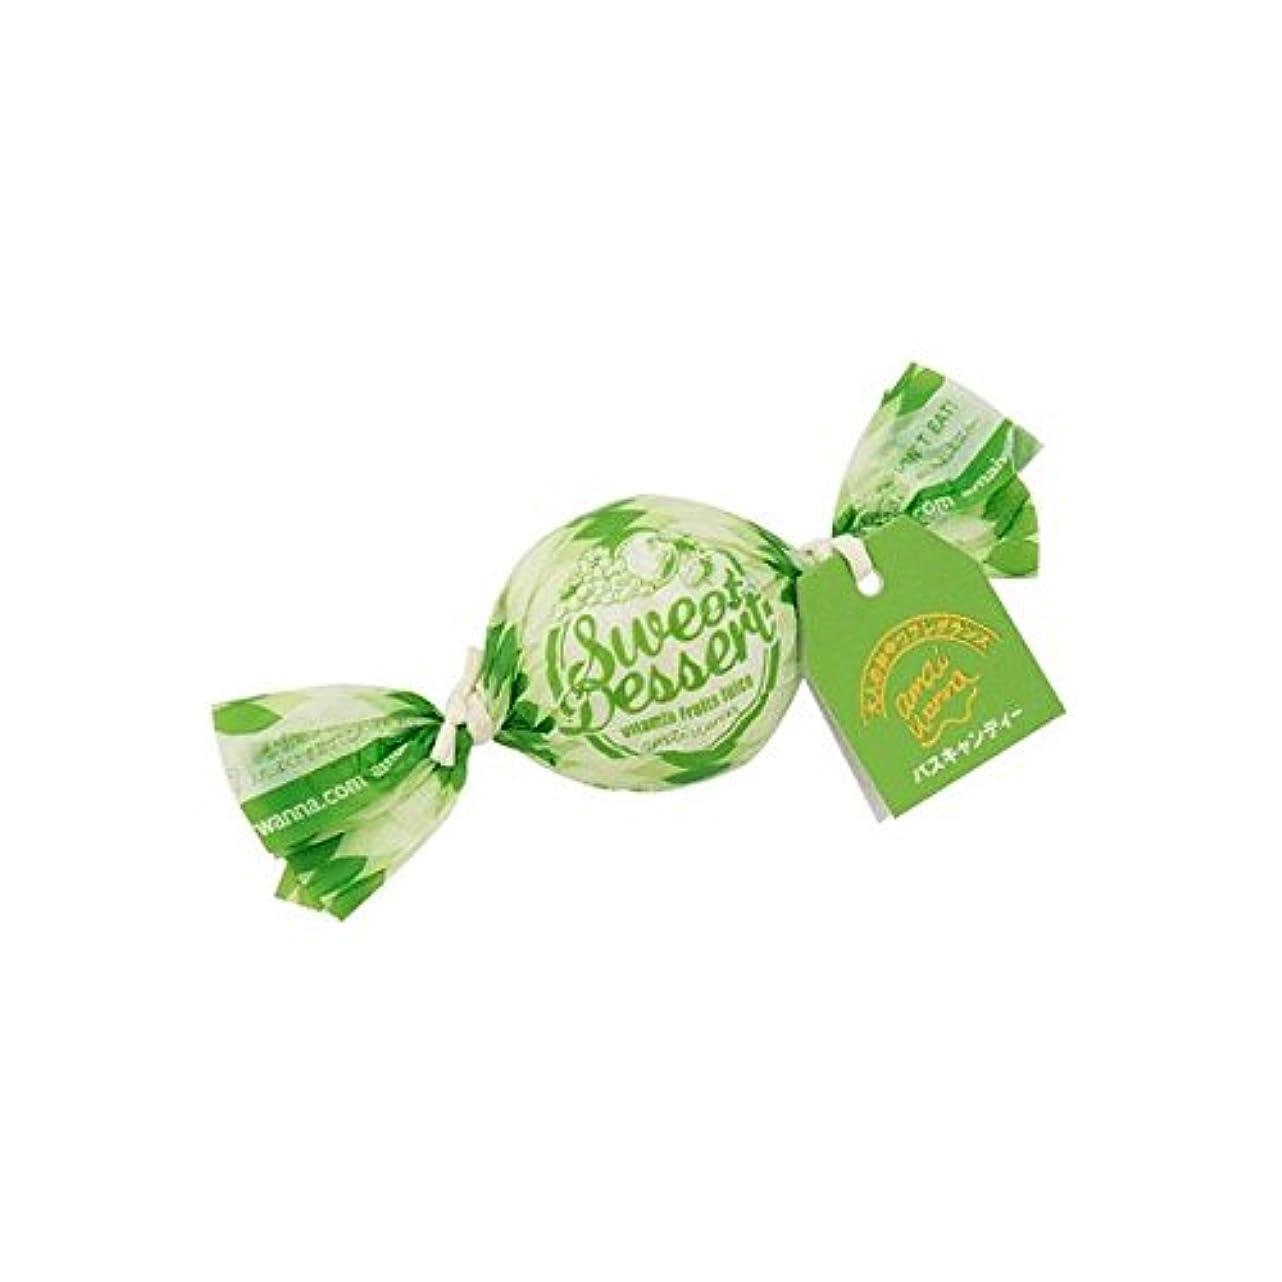 扱うメアリアンジョーンズ下品グローバルプロダクトプランニング アマイワナ バスキャンディー 1粒 ビタミンフルーツジュース 35g 4517161124224